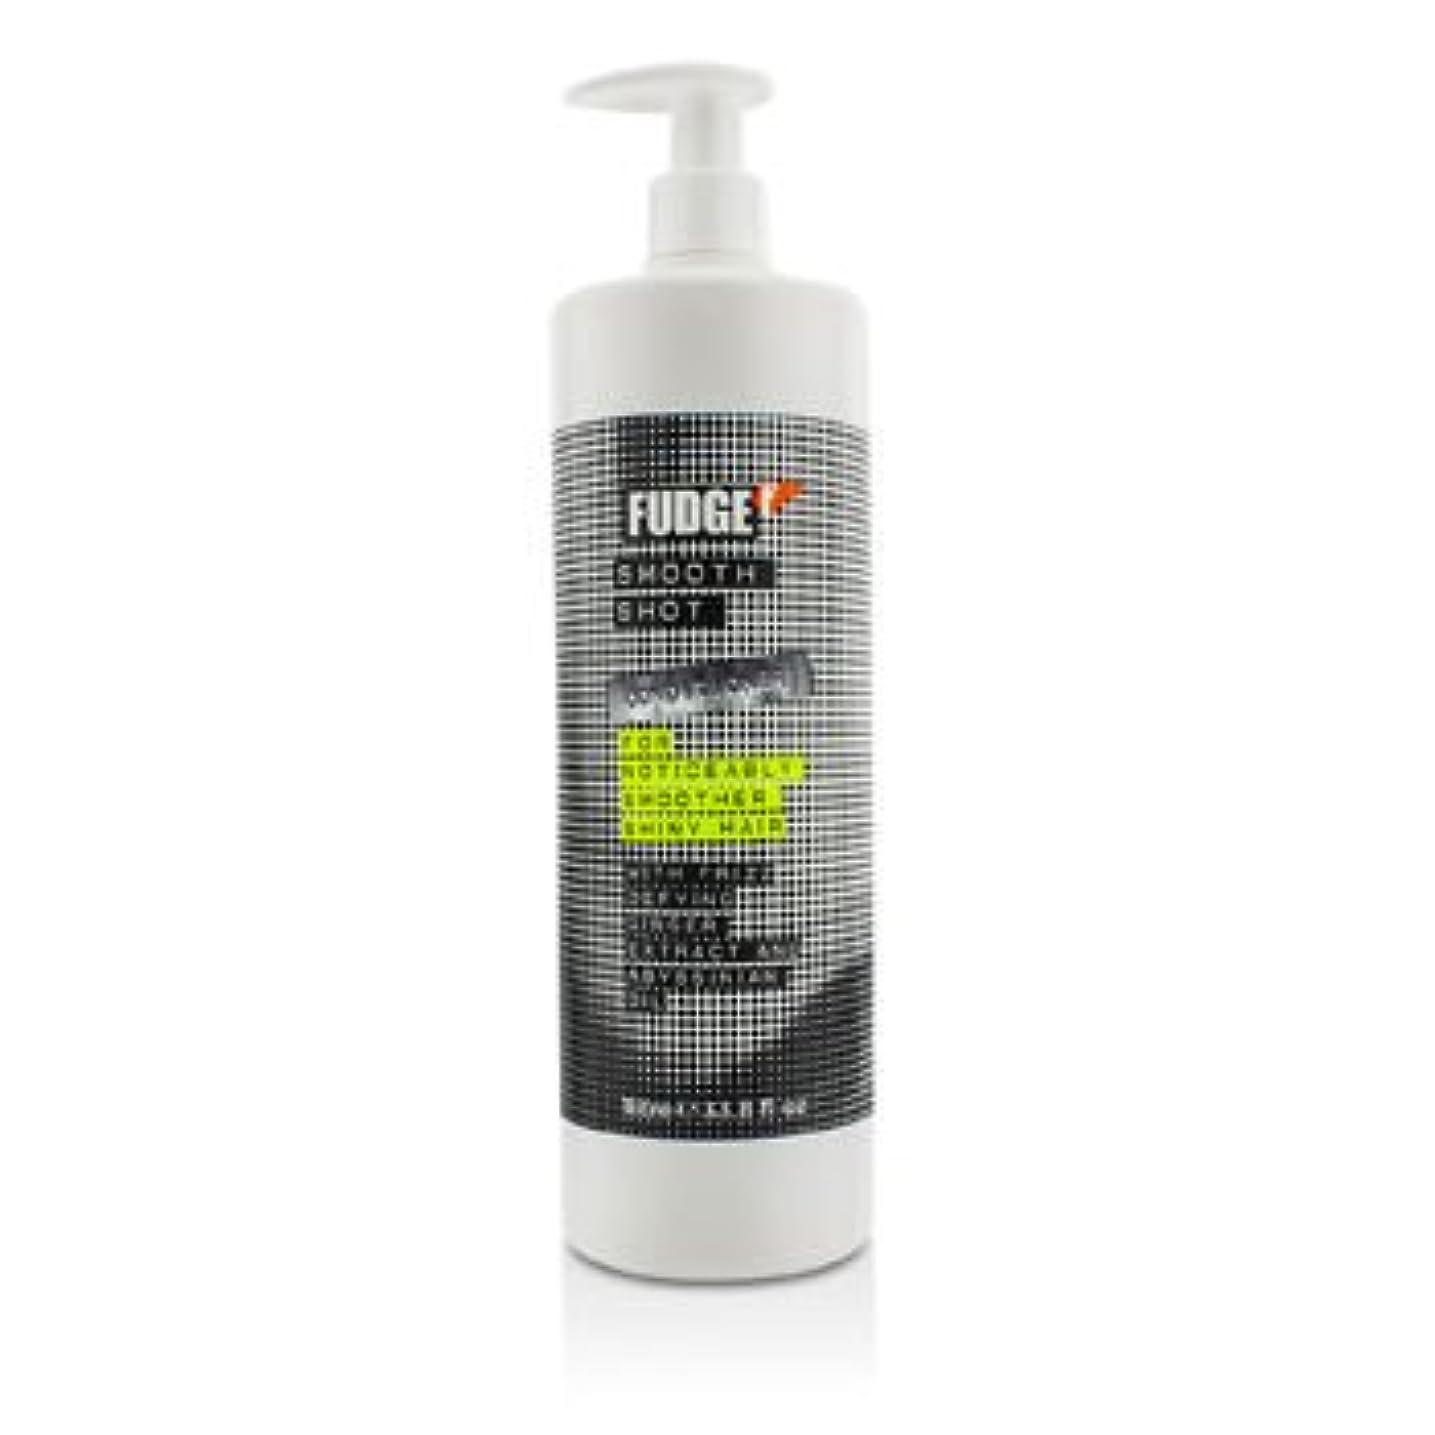 夕暮れサーキットに行く甘美な[Fudge] Smooth Shot Conditioner (For Noticeably Smoother Shiny Hair) 1000ml/33.8oz